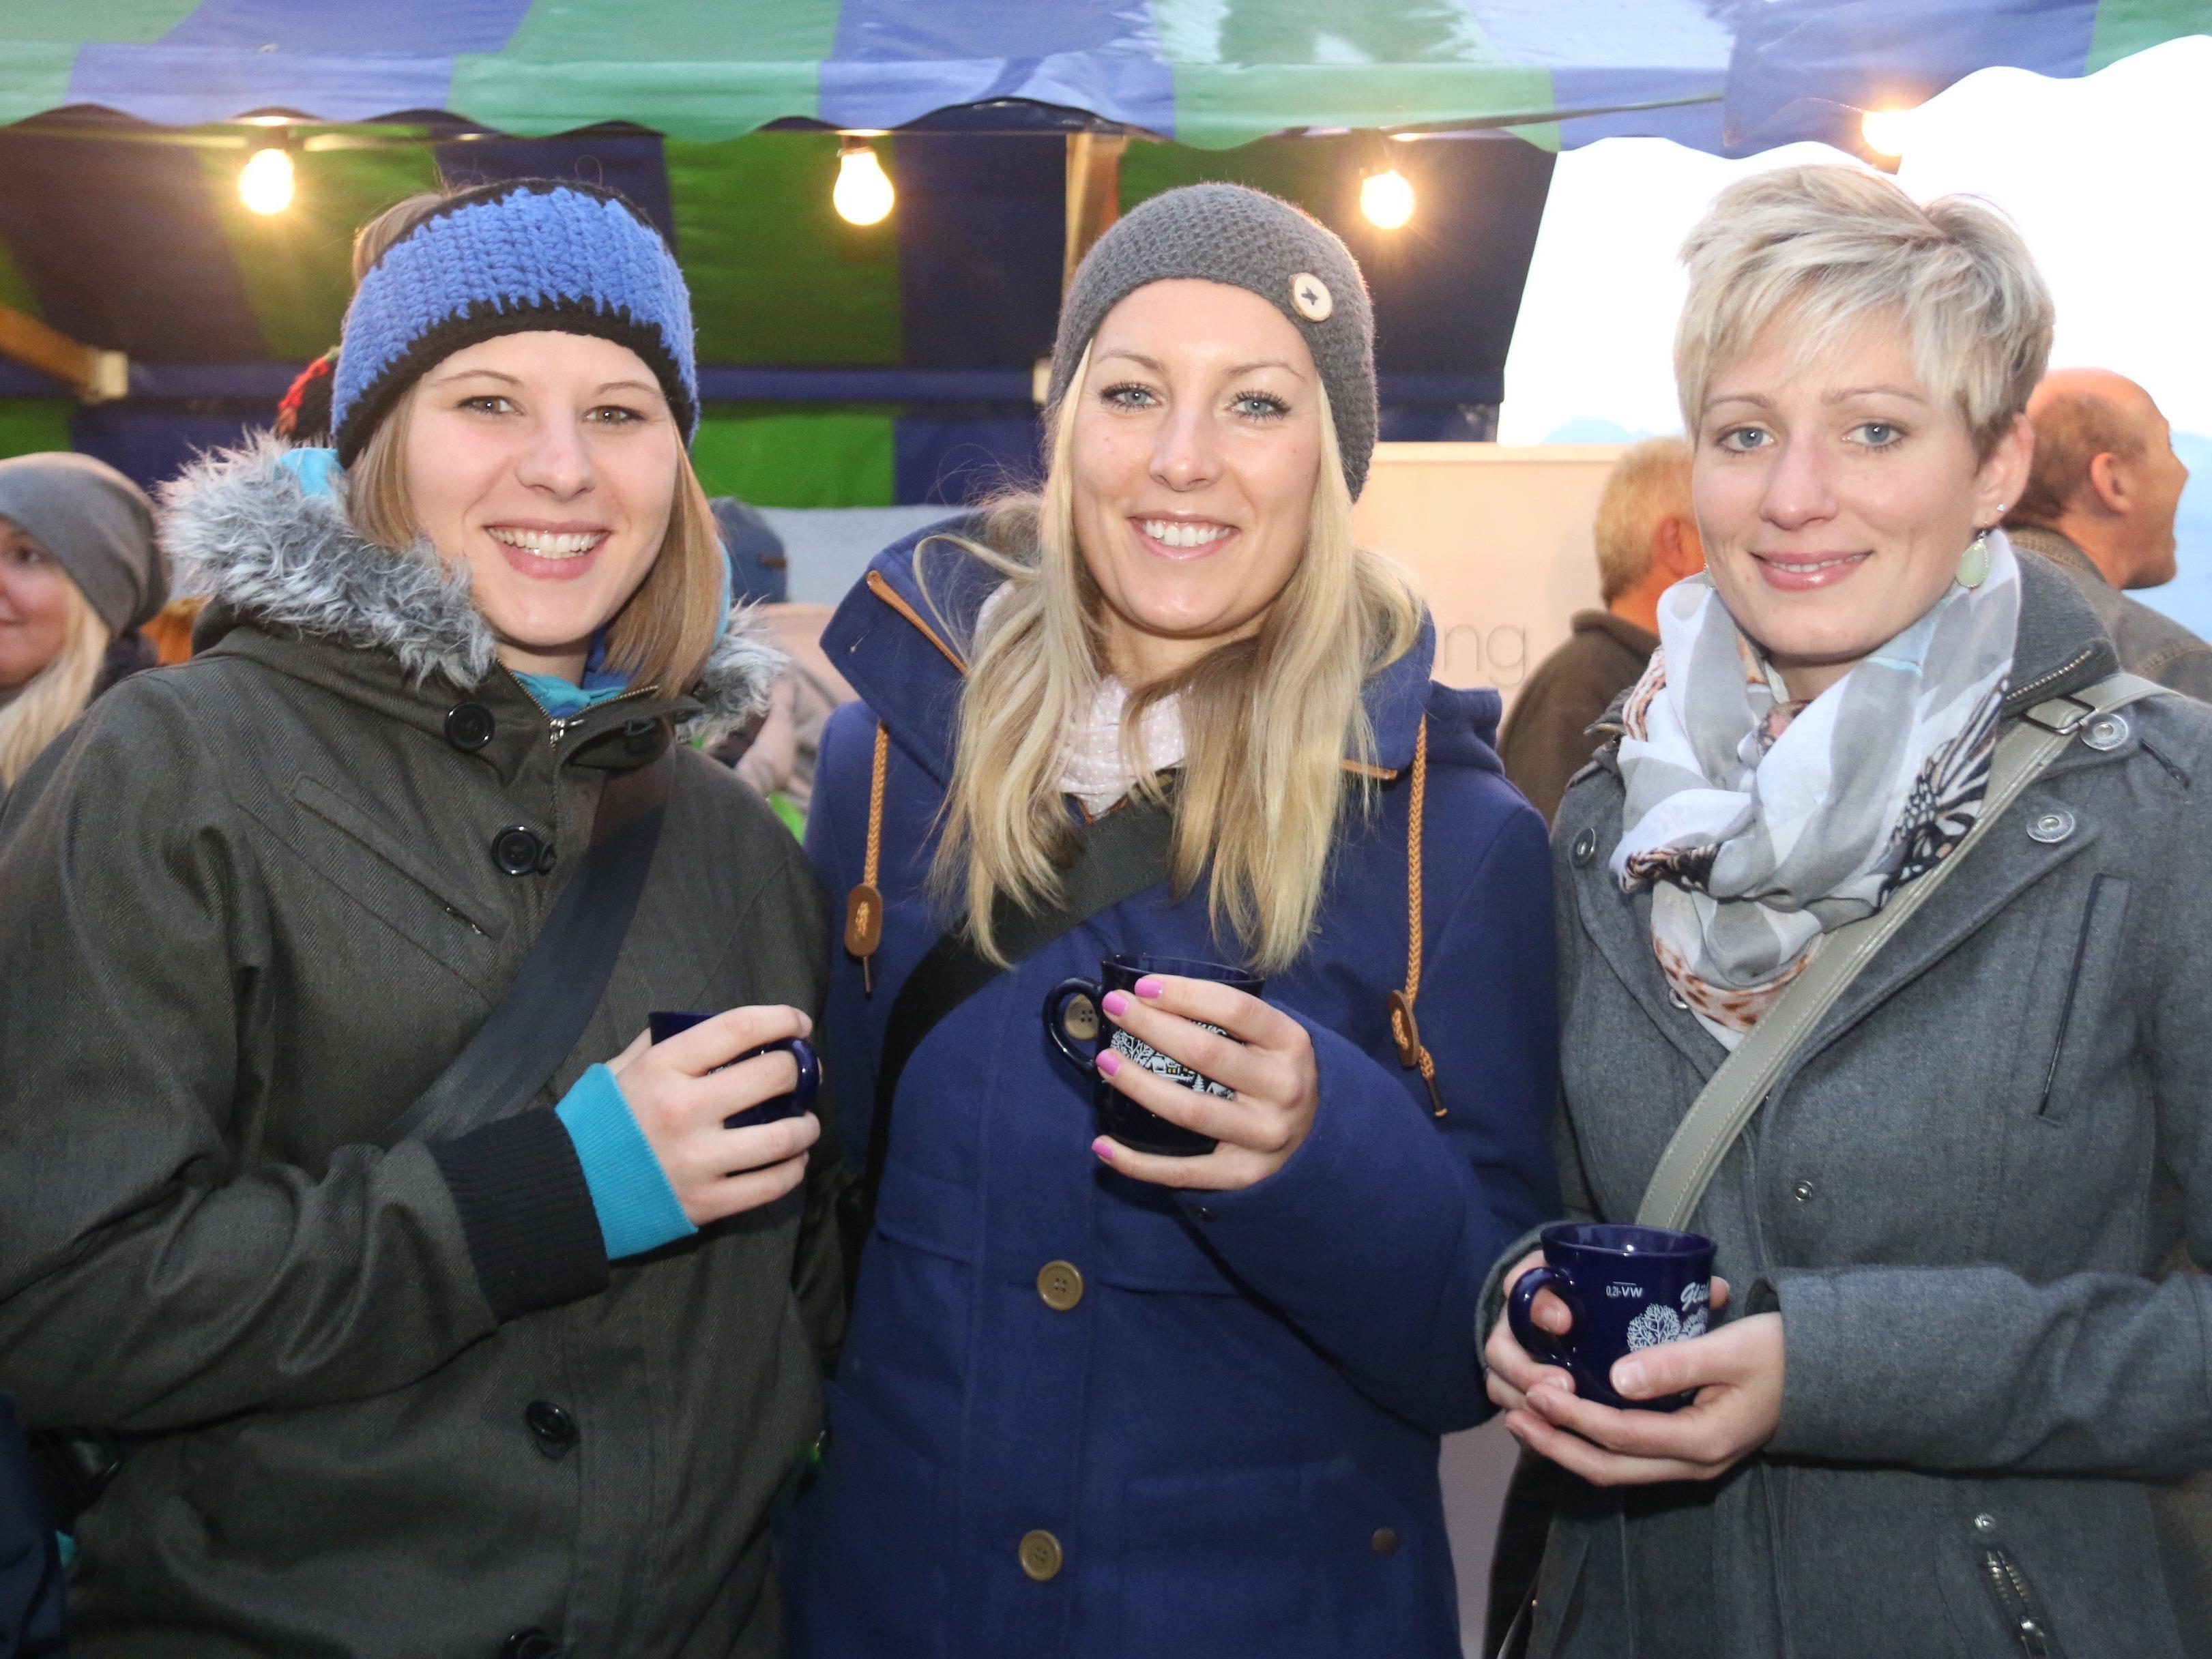 Gute Stimmung beim Markt: Claudia, Sabine und Miriam.